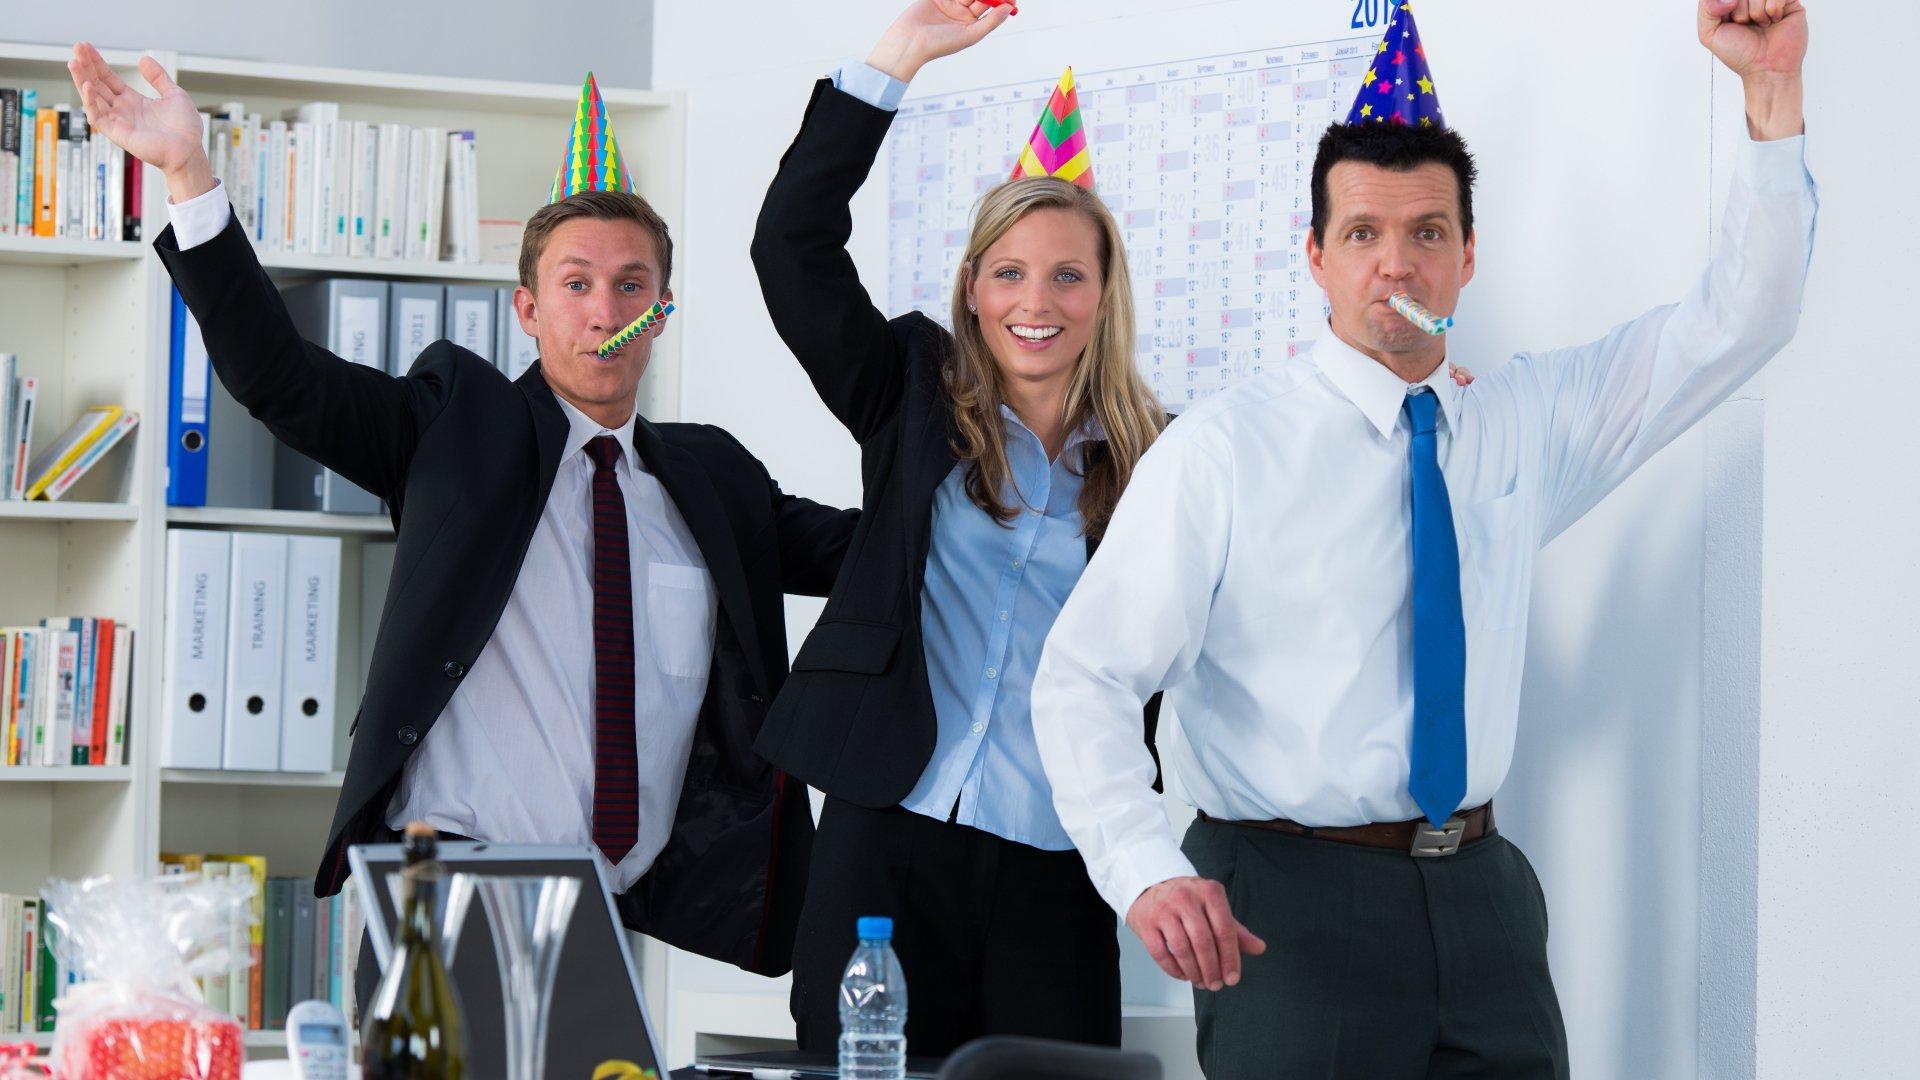 Поздравление с днем рождения офиса картинка, надписью